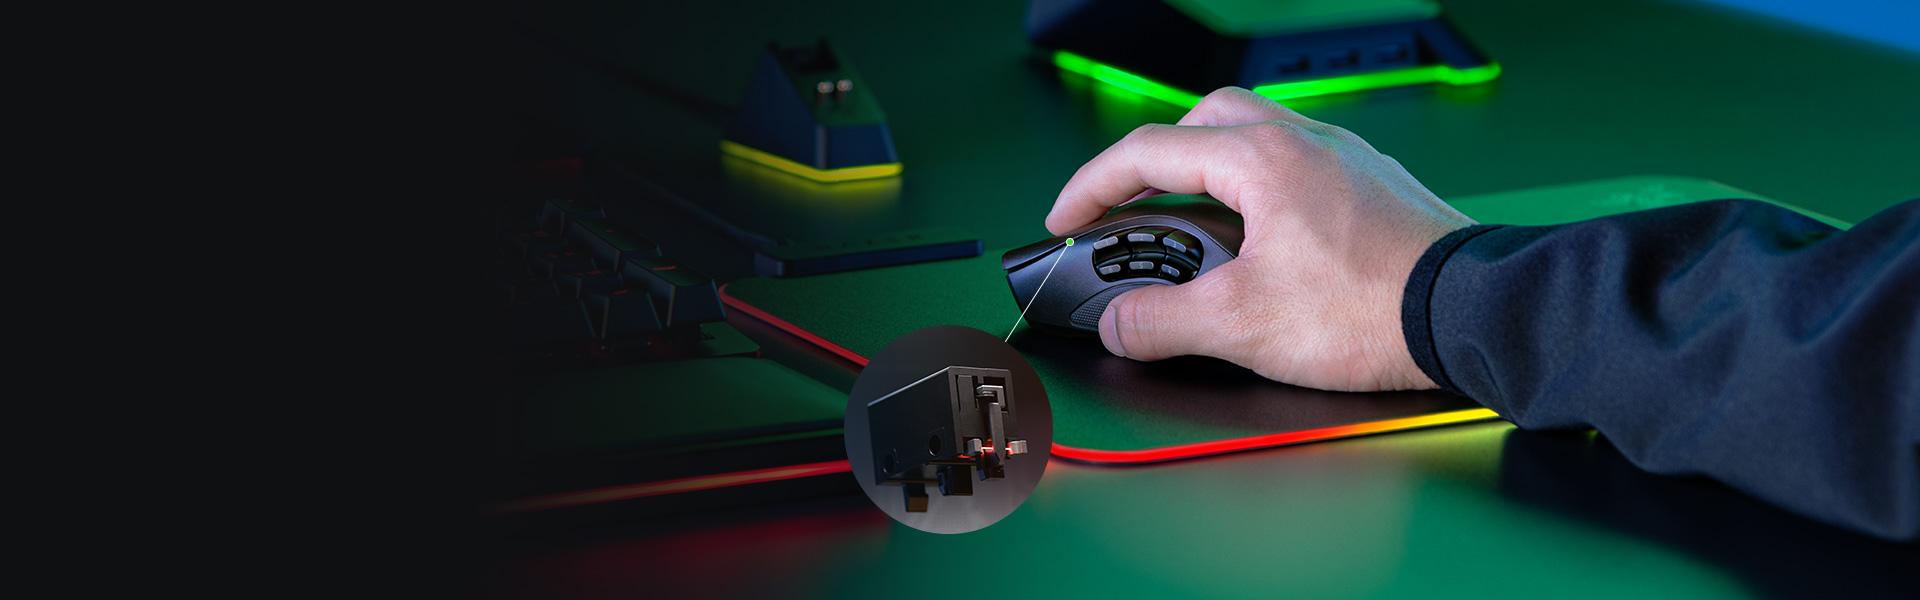 Chuột không dây Razer Naga Pro Wireless (USB/RGB) (RZ01-03420100-R3A1) sử dụng nút bấm quang học độc quyền Razer